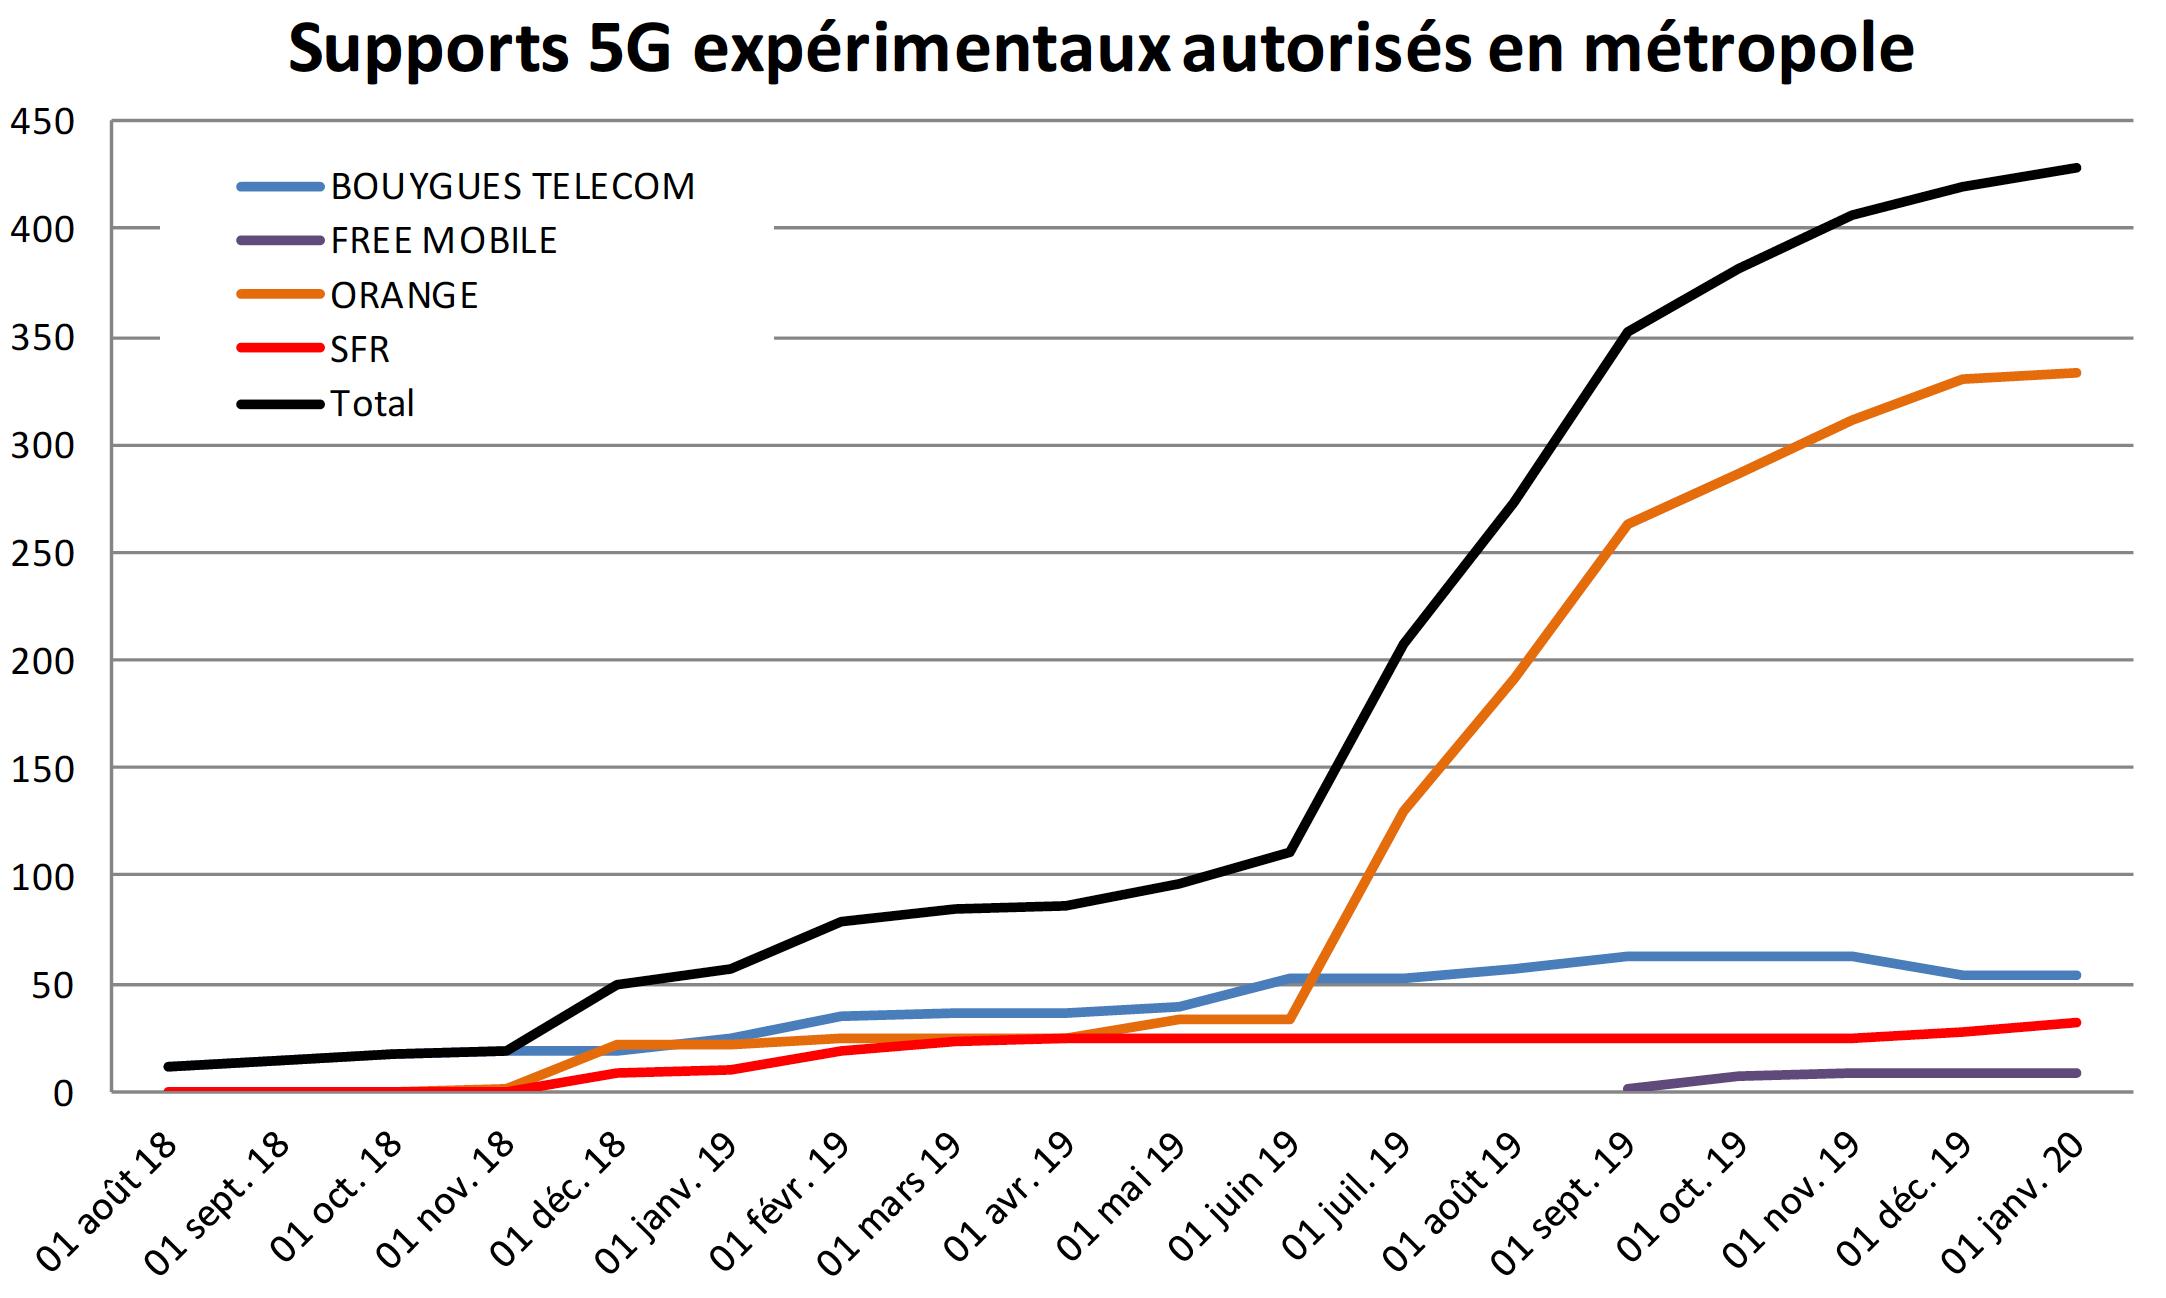 Plus de 50 200 sites 4G autorisés par l'ANFR